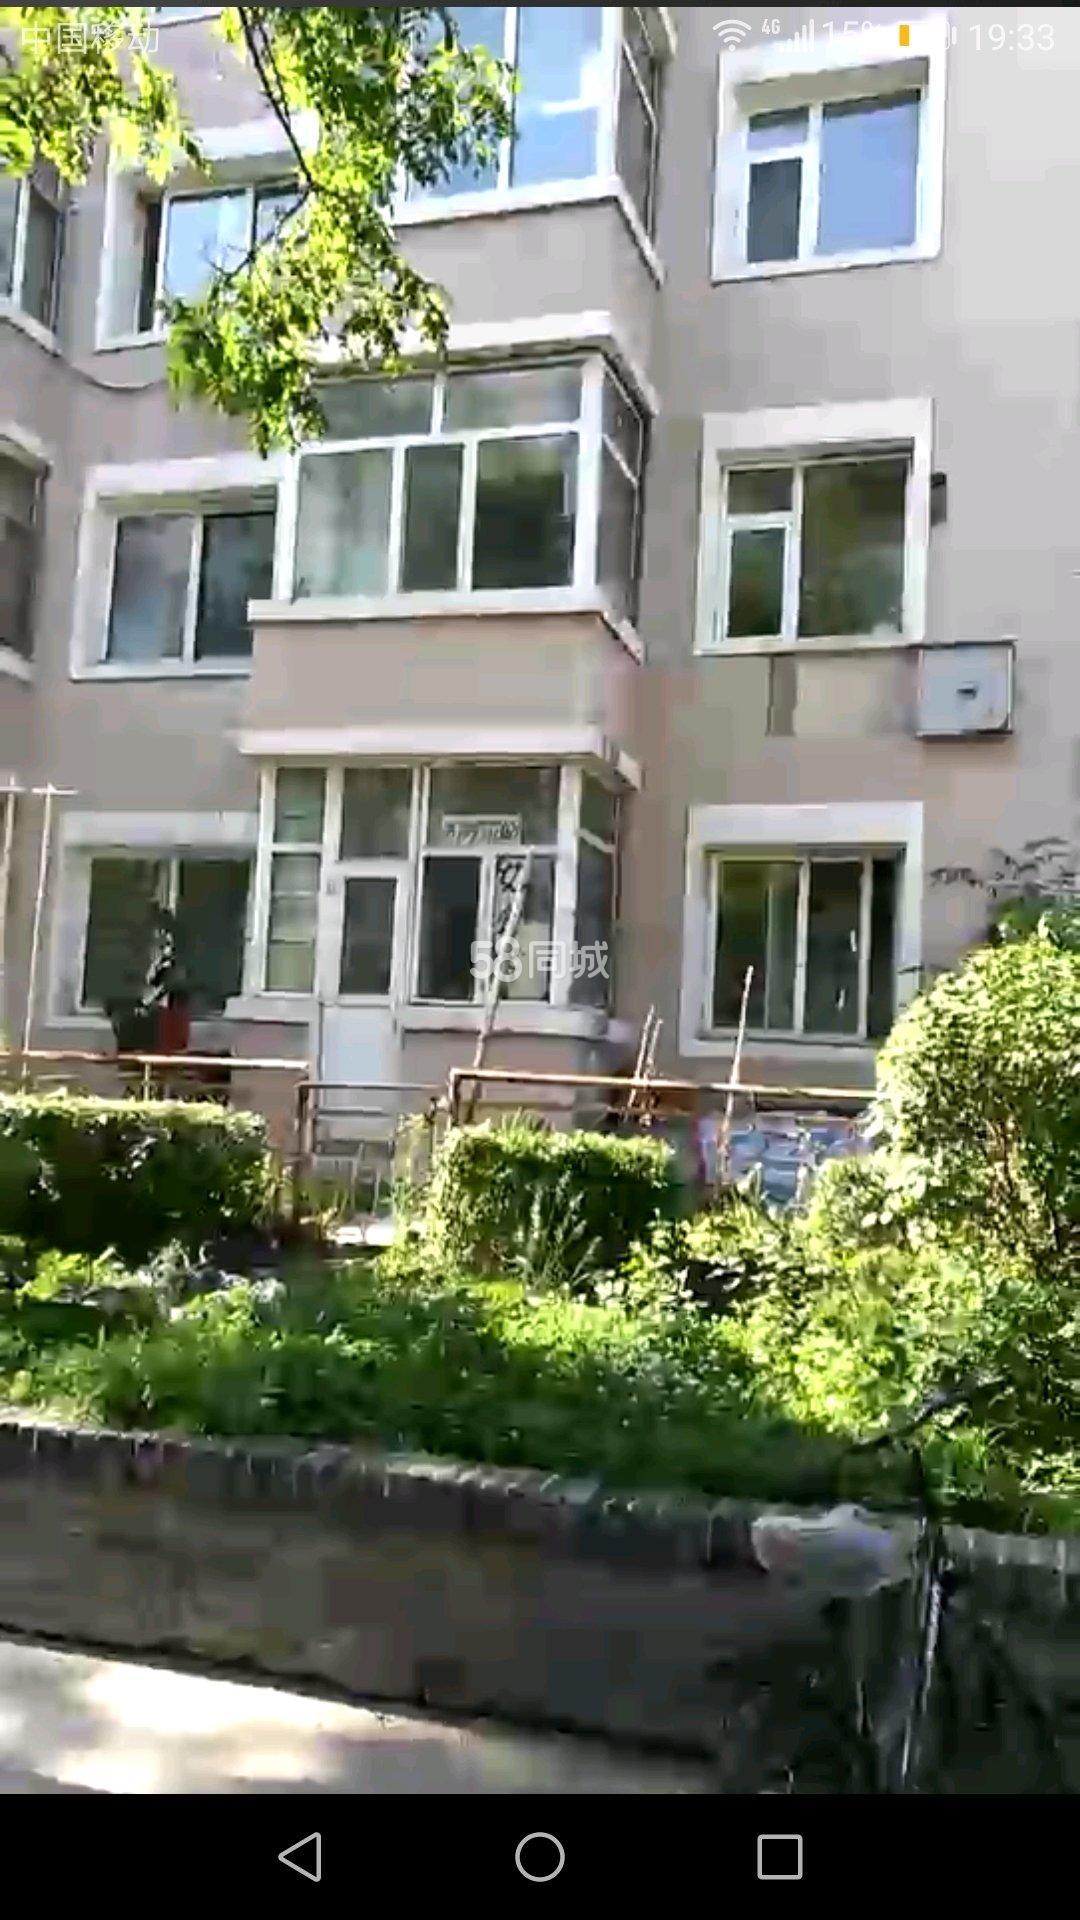 隆基花园一楼2室1厅1卫